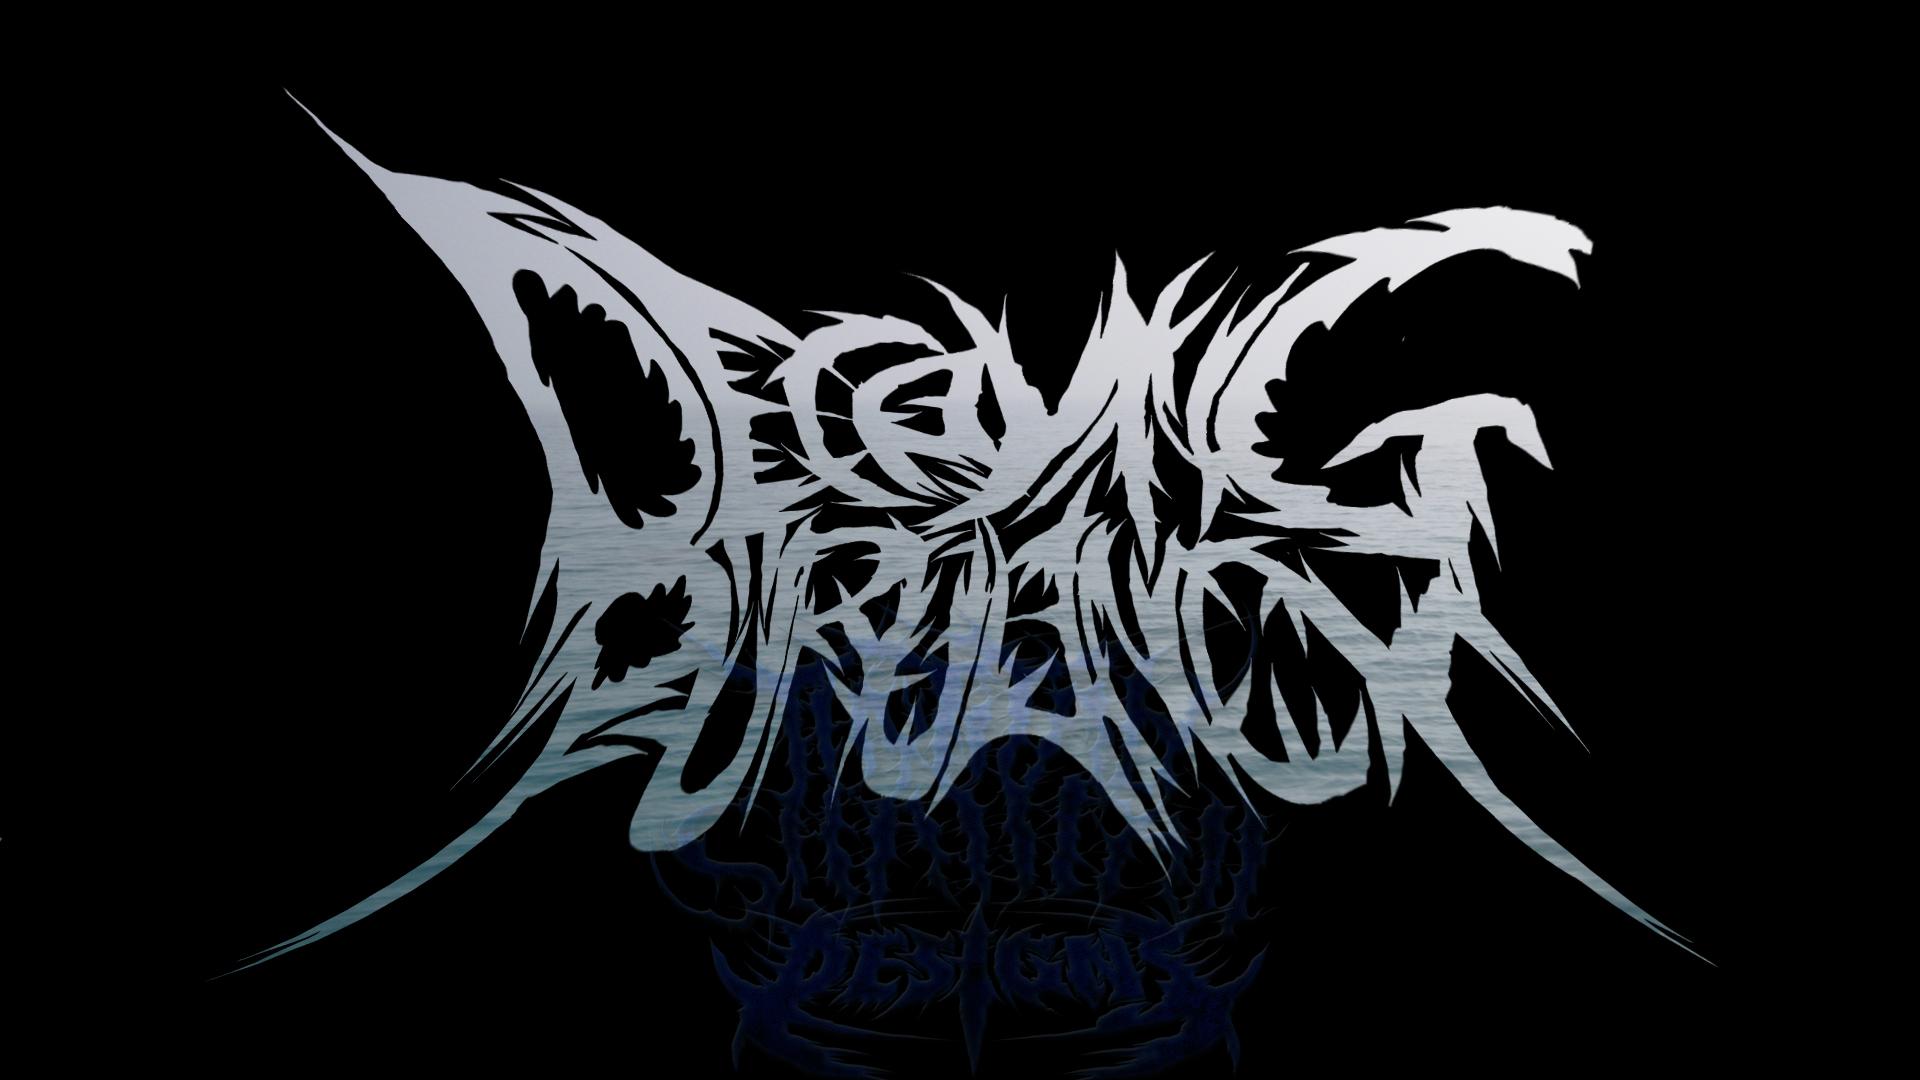 Decaying Purulency | Slam Death Metal Logo by ...